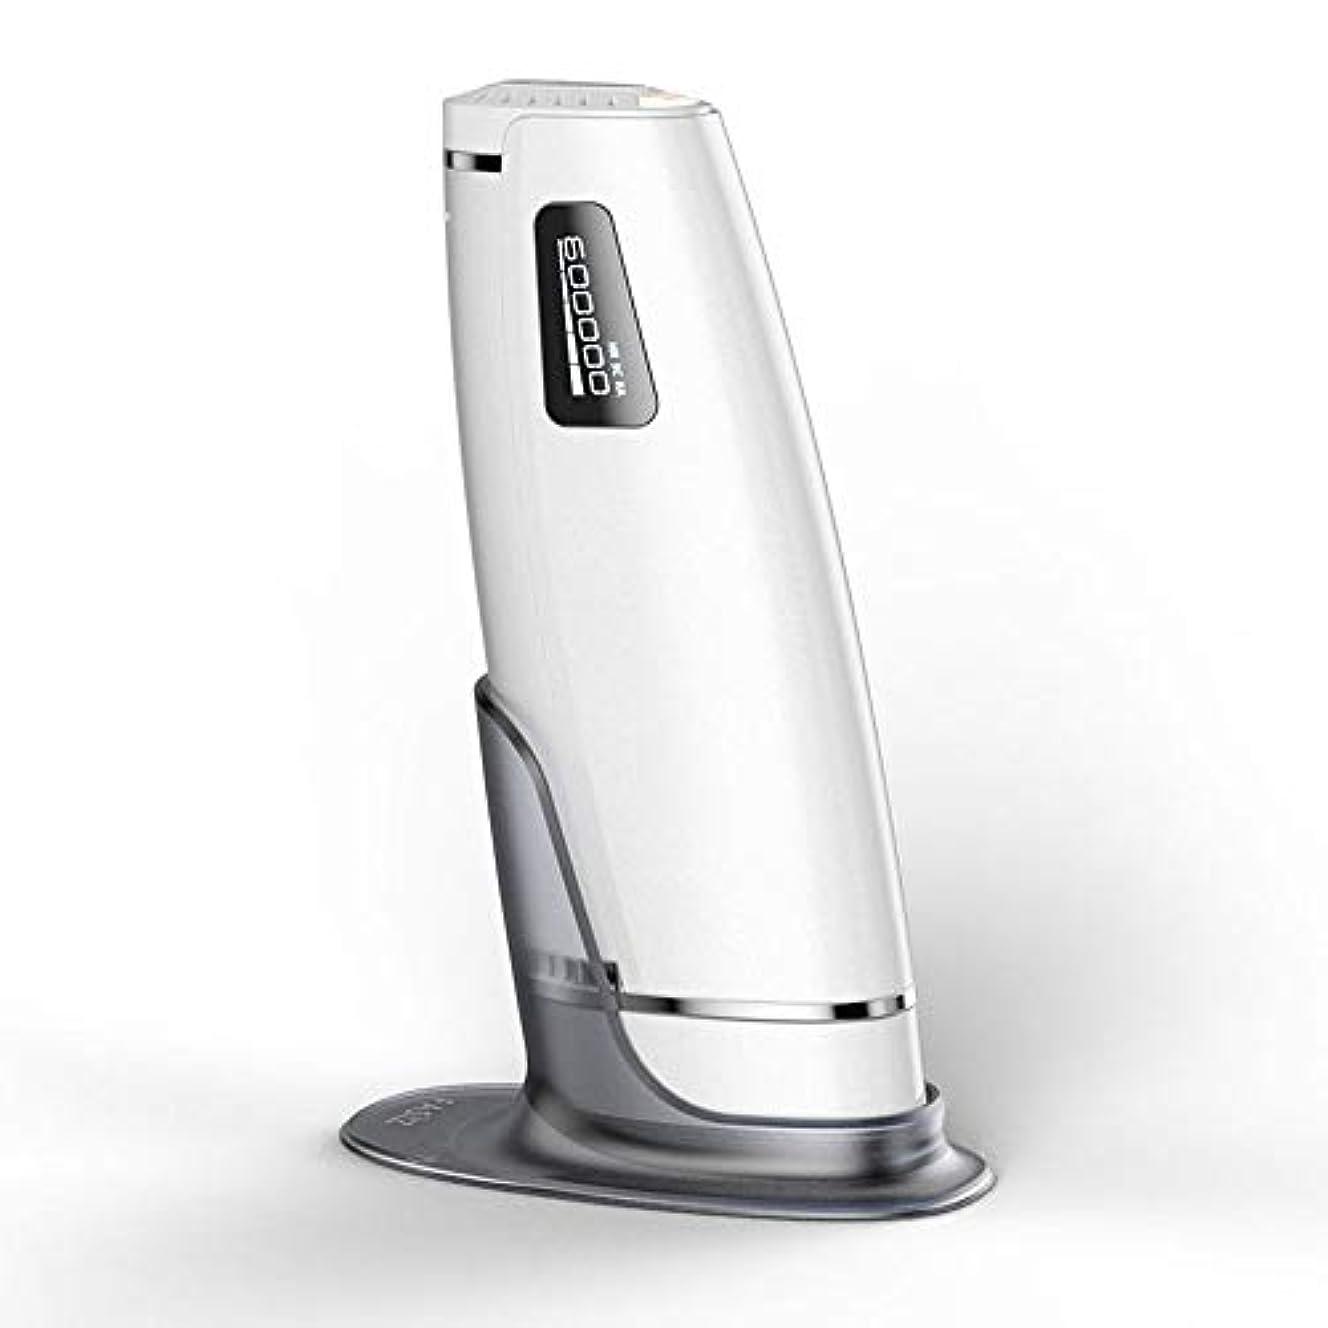 何故なの不明瞭抑制する家庭用自動痛みのない毛の除去剤、白、携帯用永久的な毛の除去剤、二重モード、5つの速度調節、サイズ20.5 X 4.5 X 7 Cm 安全性